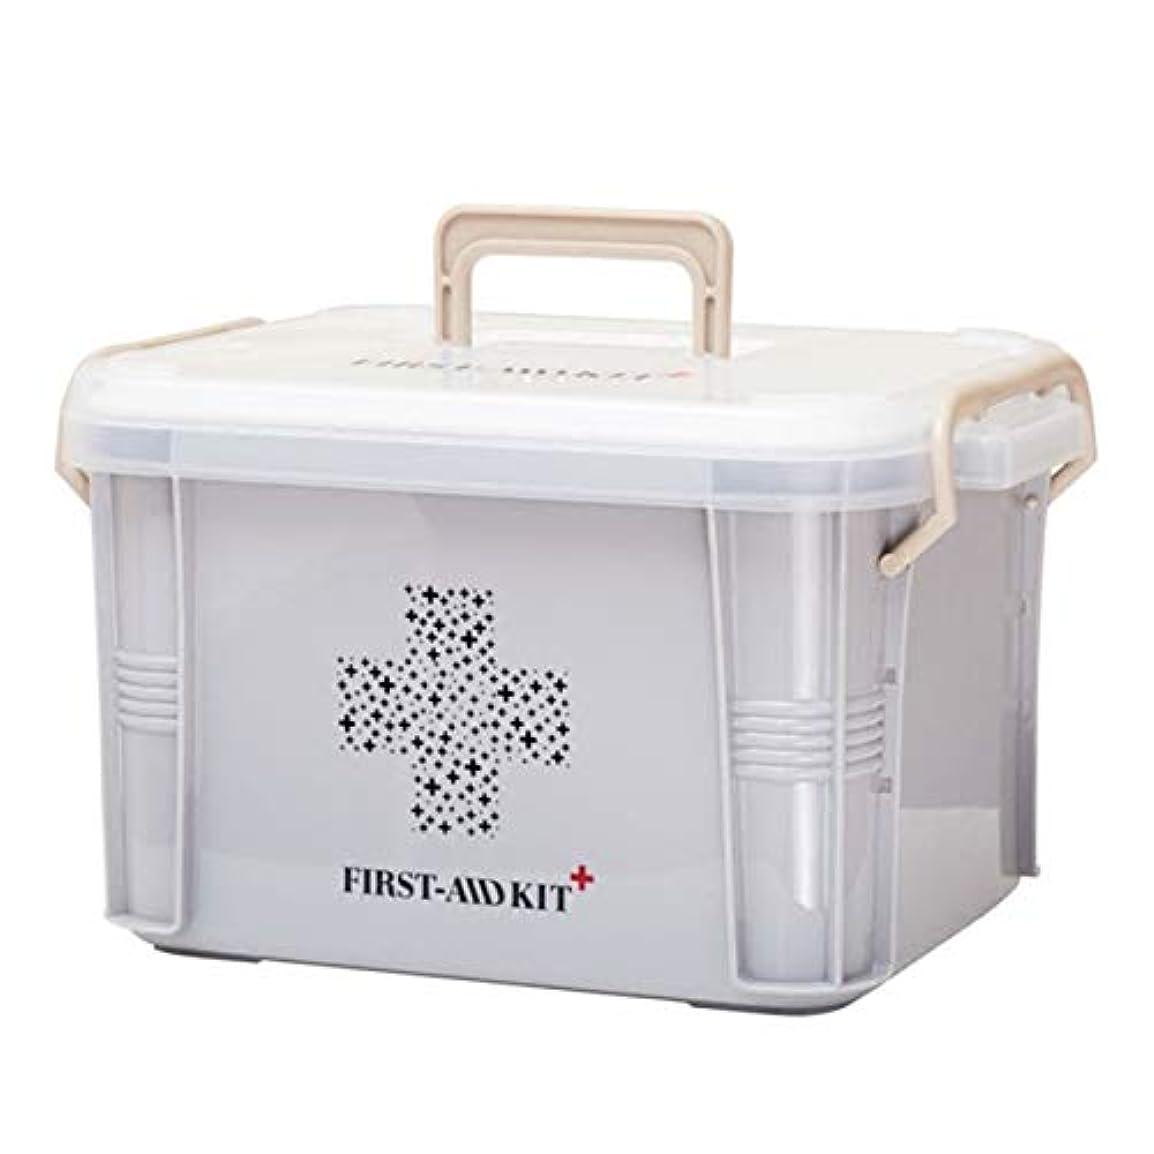 繁殖鑑定武器Saikogoods 実用的なデザインホーム用薬箱ファーストエイドキットボックスプラスチック容器の救急キットポータブルストレージオーガナイザー グレー S